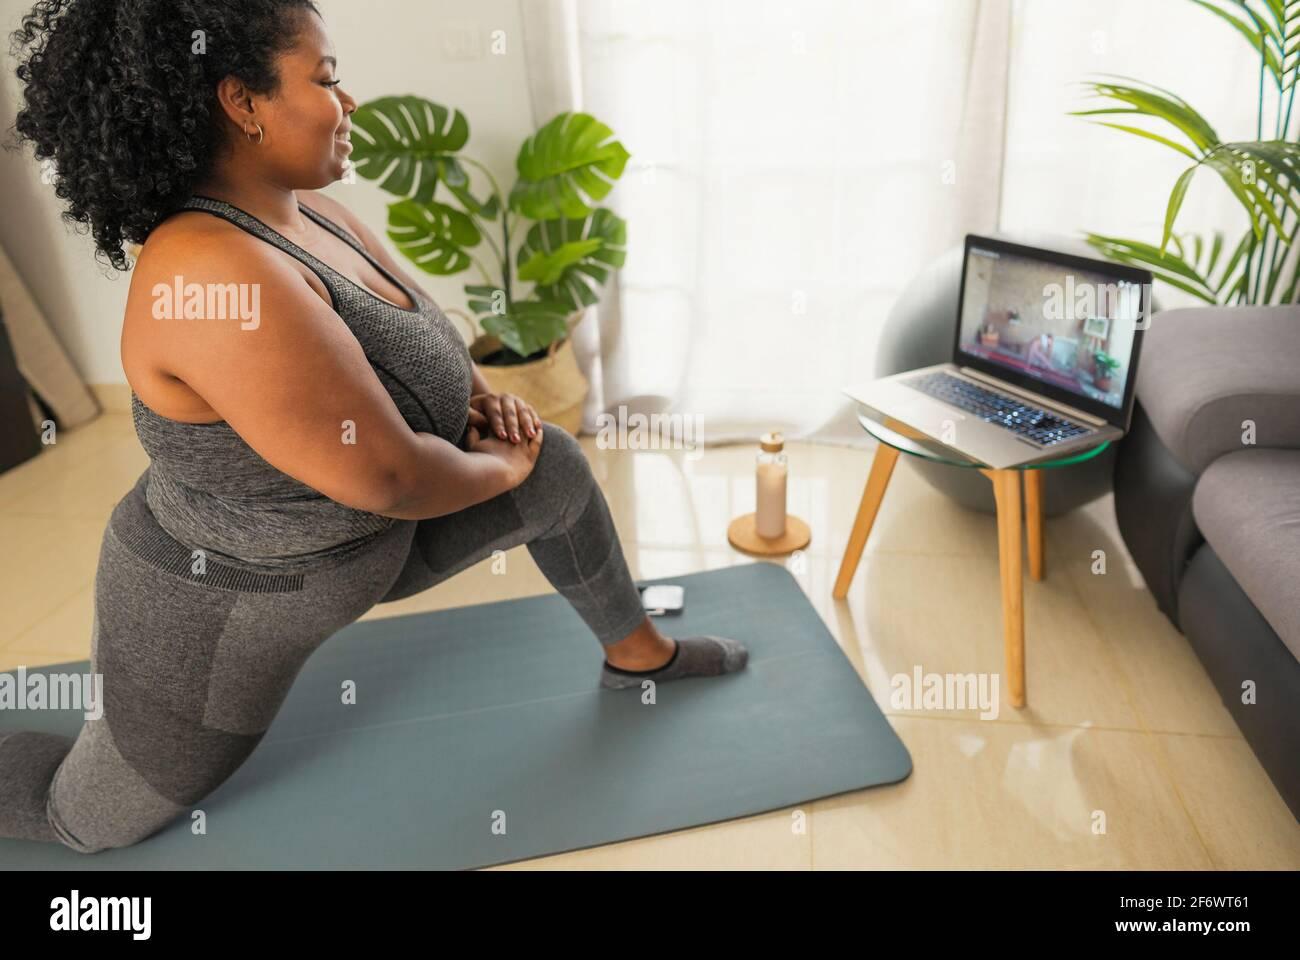 Giovane donna africana che fa pilates lezioni di fitness virtuale con il laptop A casa - Sport benessere persone stile di vita concetto Foto Stock